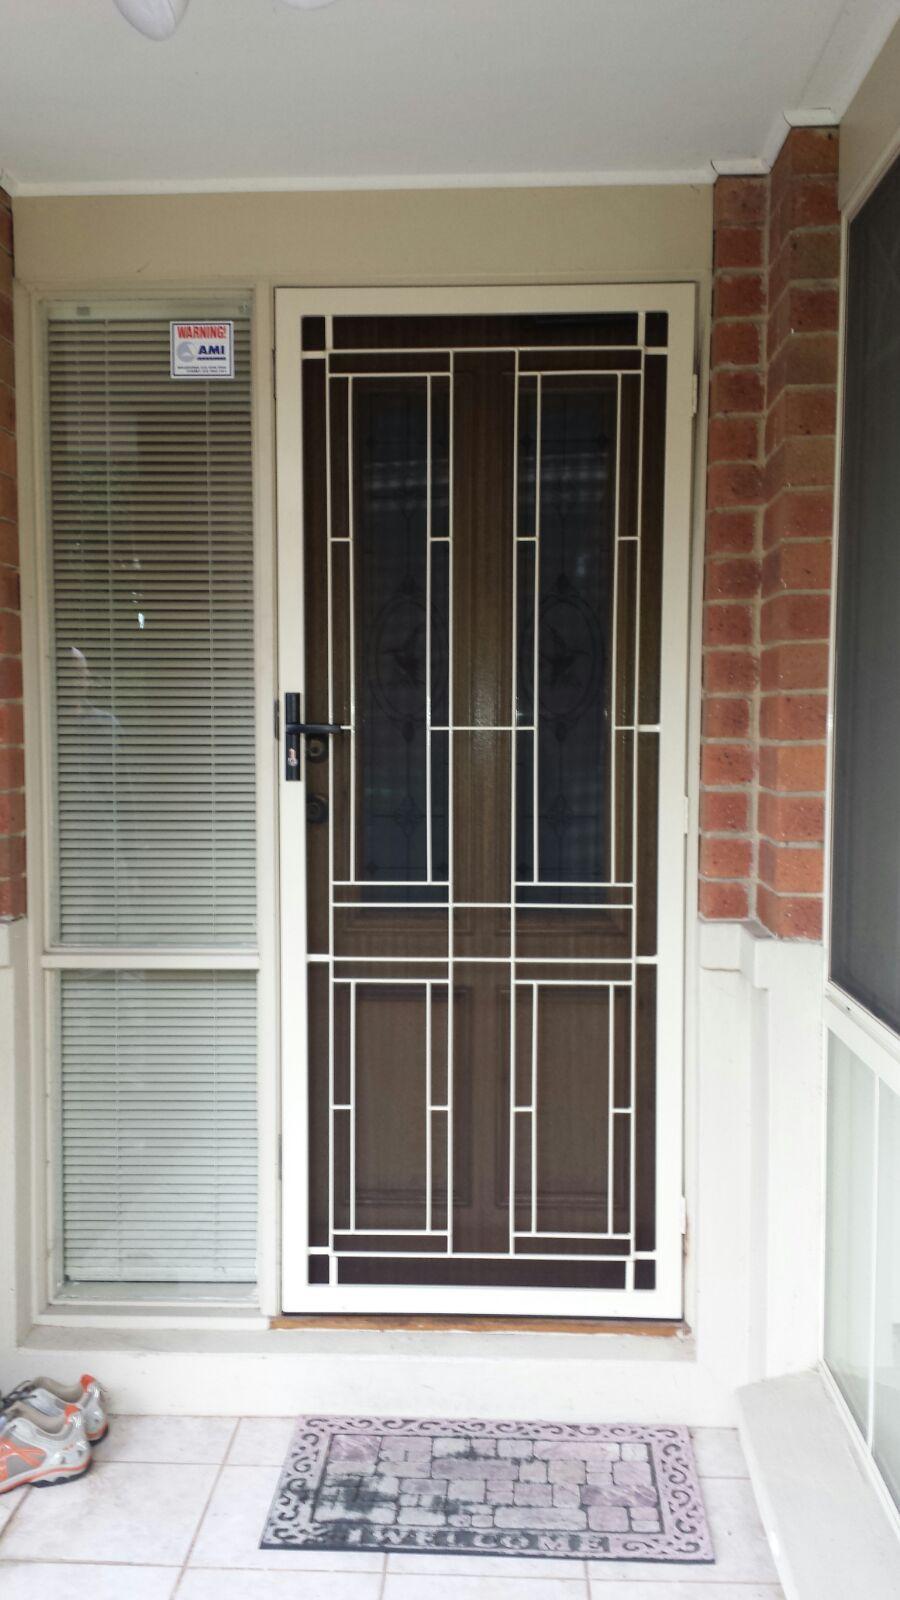 Steel Security Door With Stainless Steel Mesh Installed In Mt Waverley